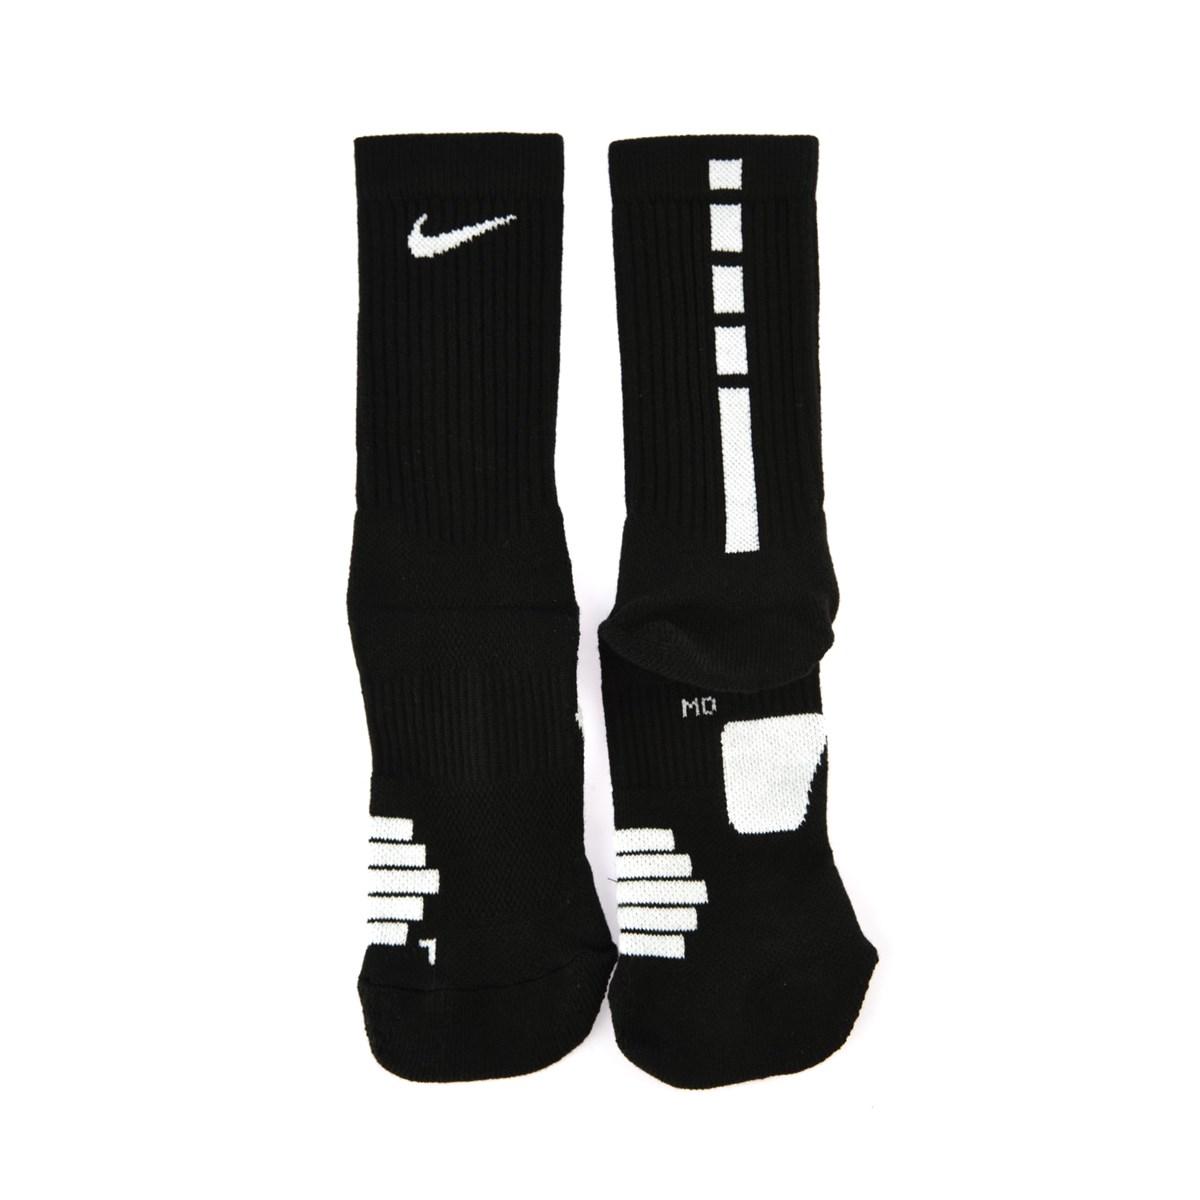 Elite Crew Siyah Basketbol Çorabı